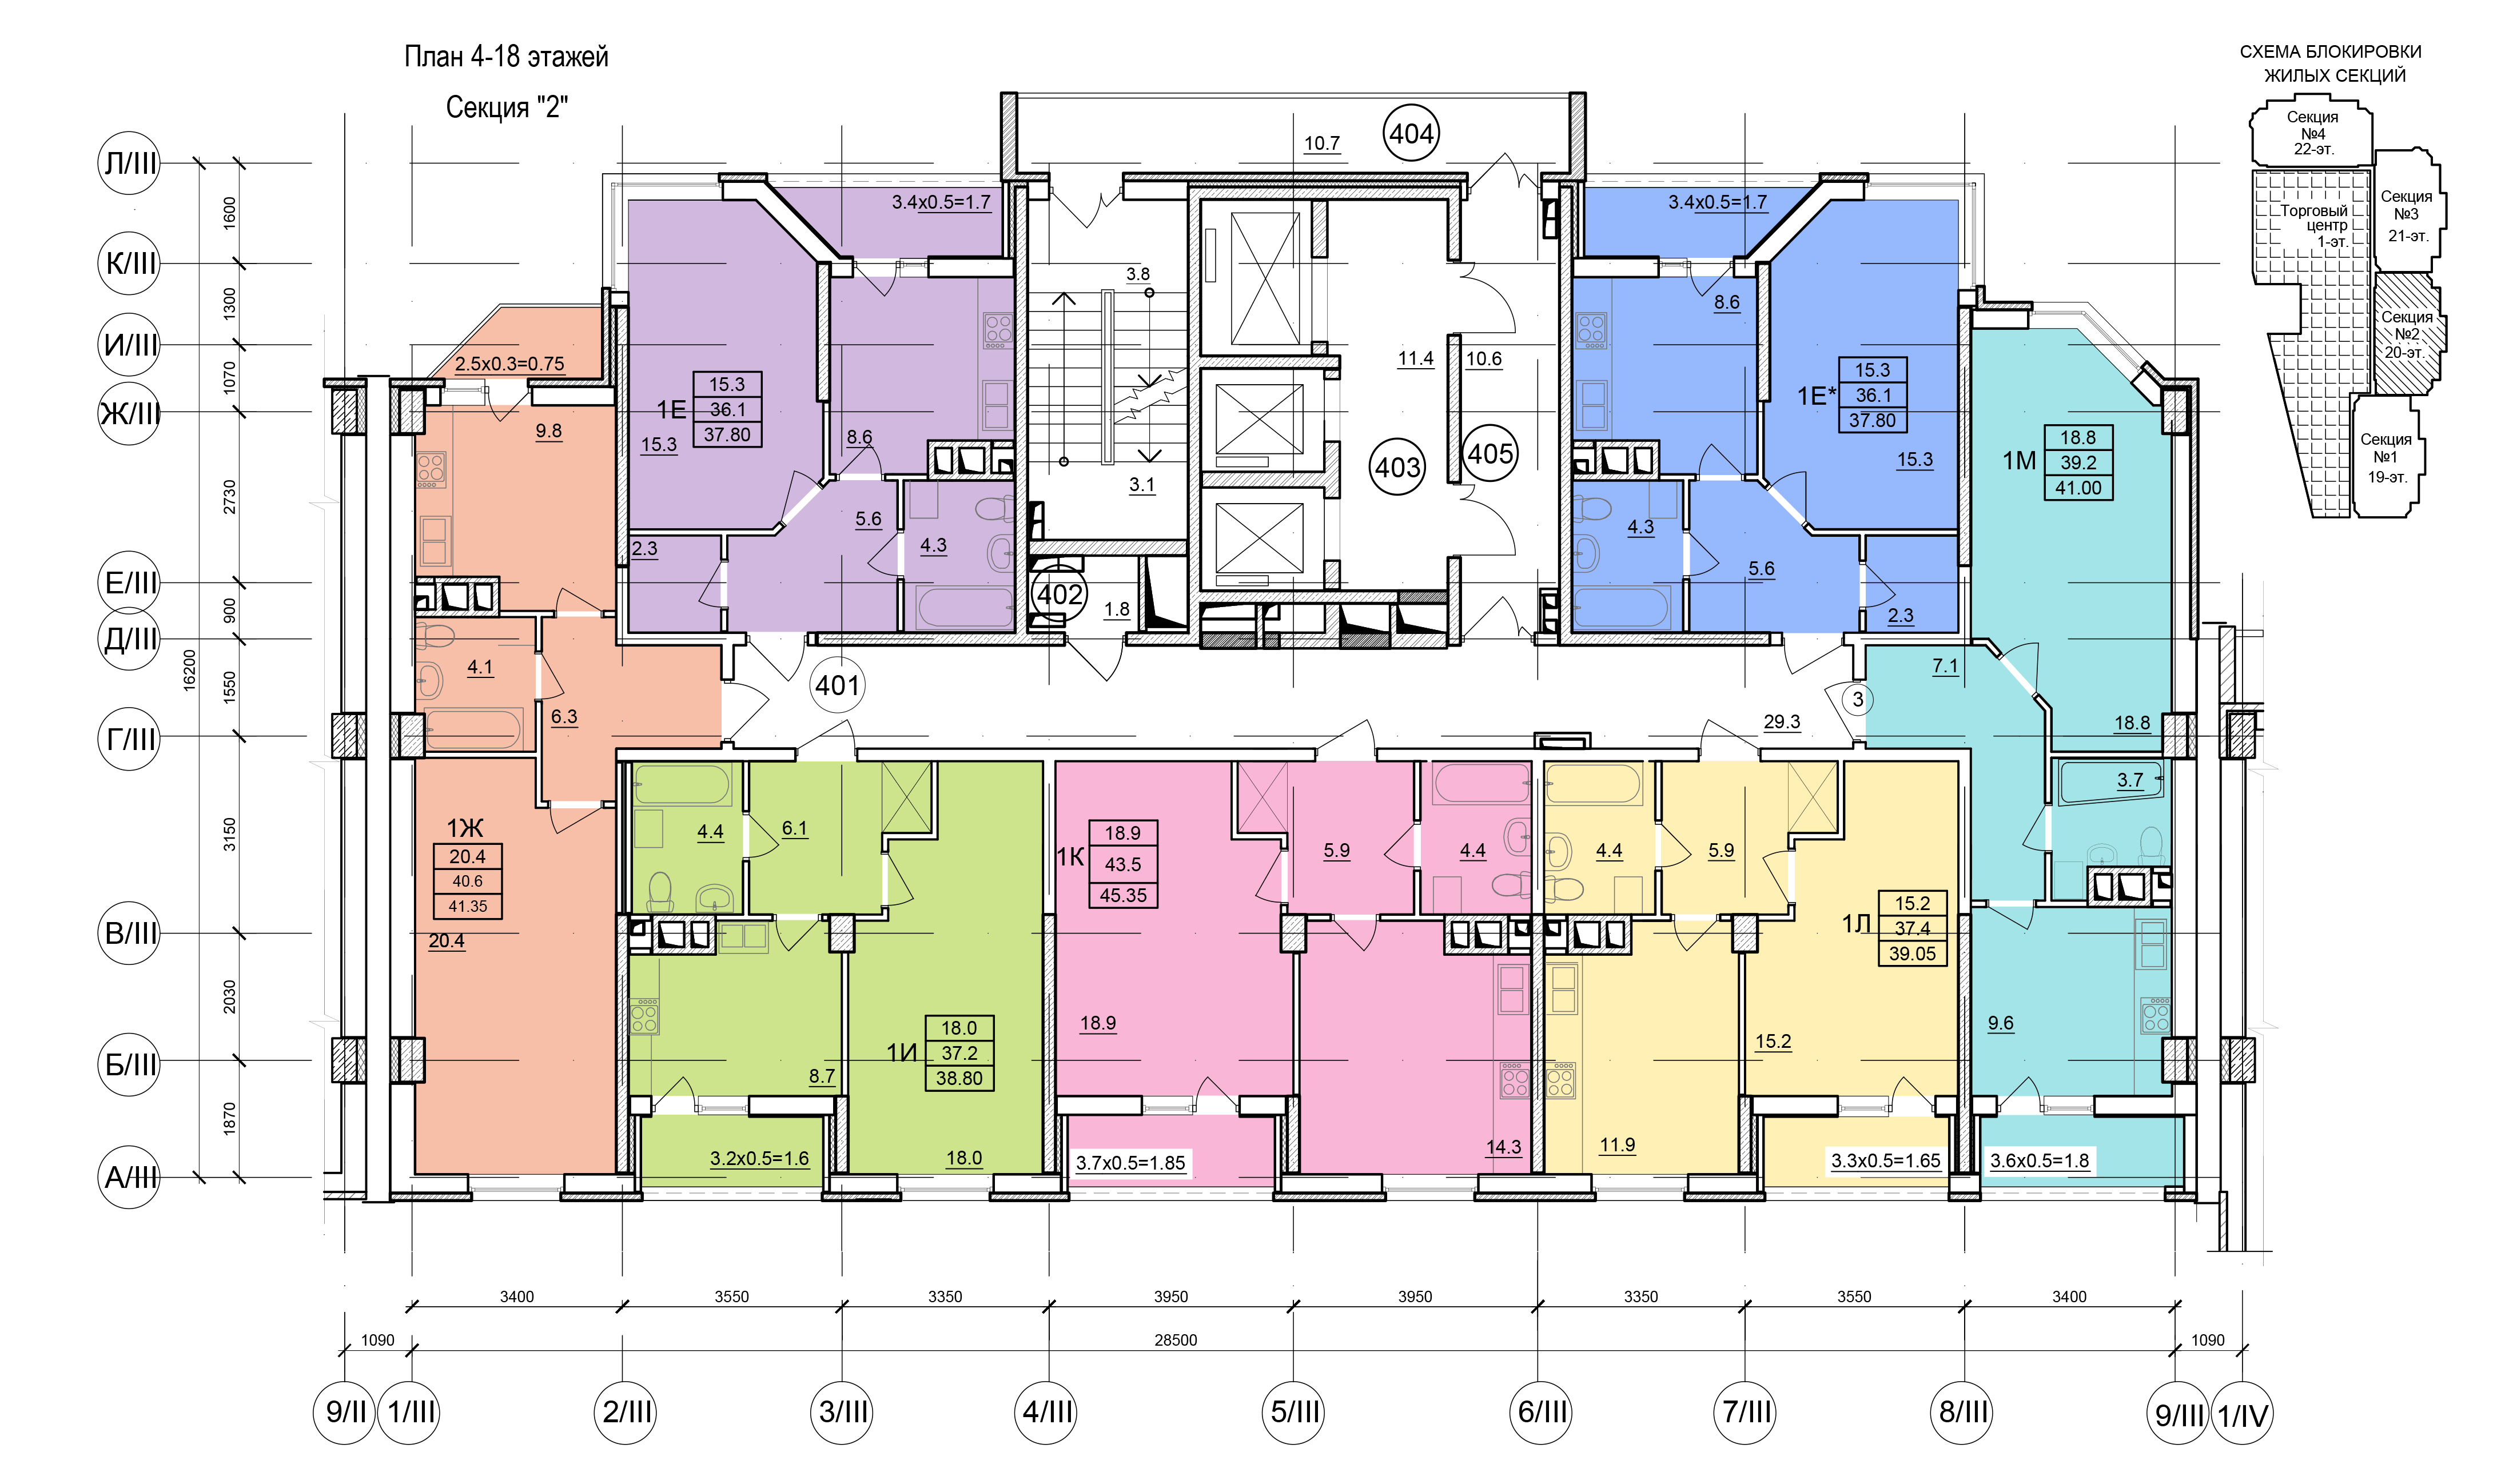 Планировки ЖК Балковский - Стикон. Секция 2, этаж 4-18